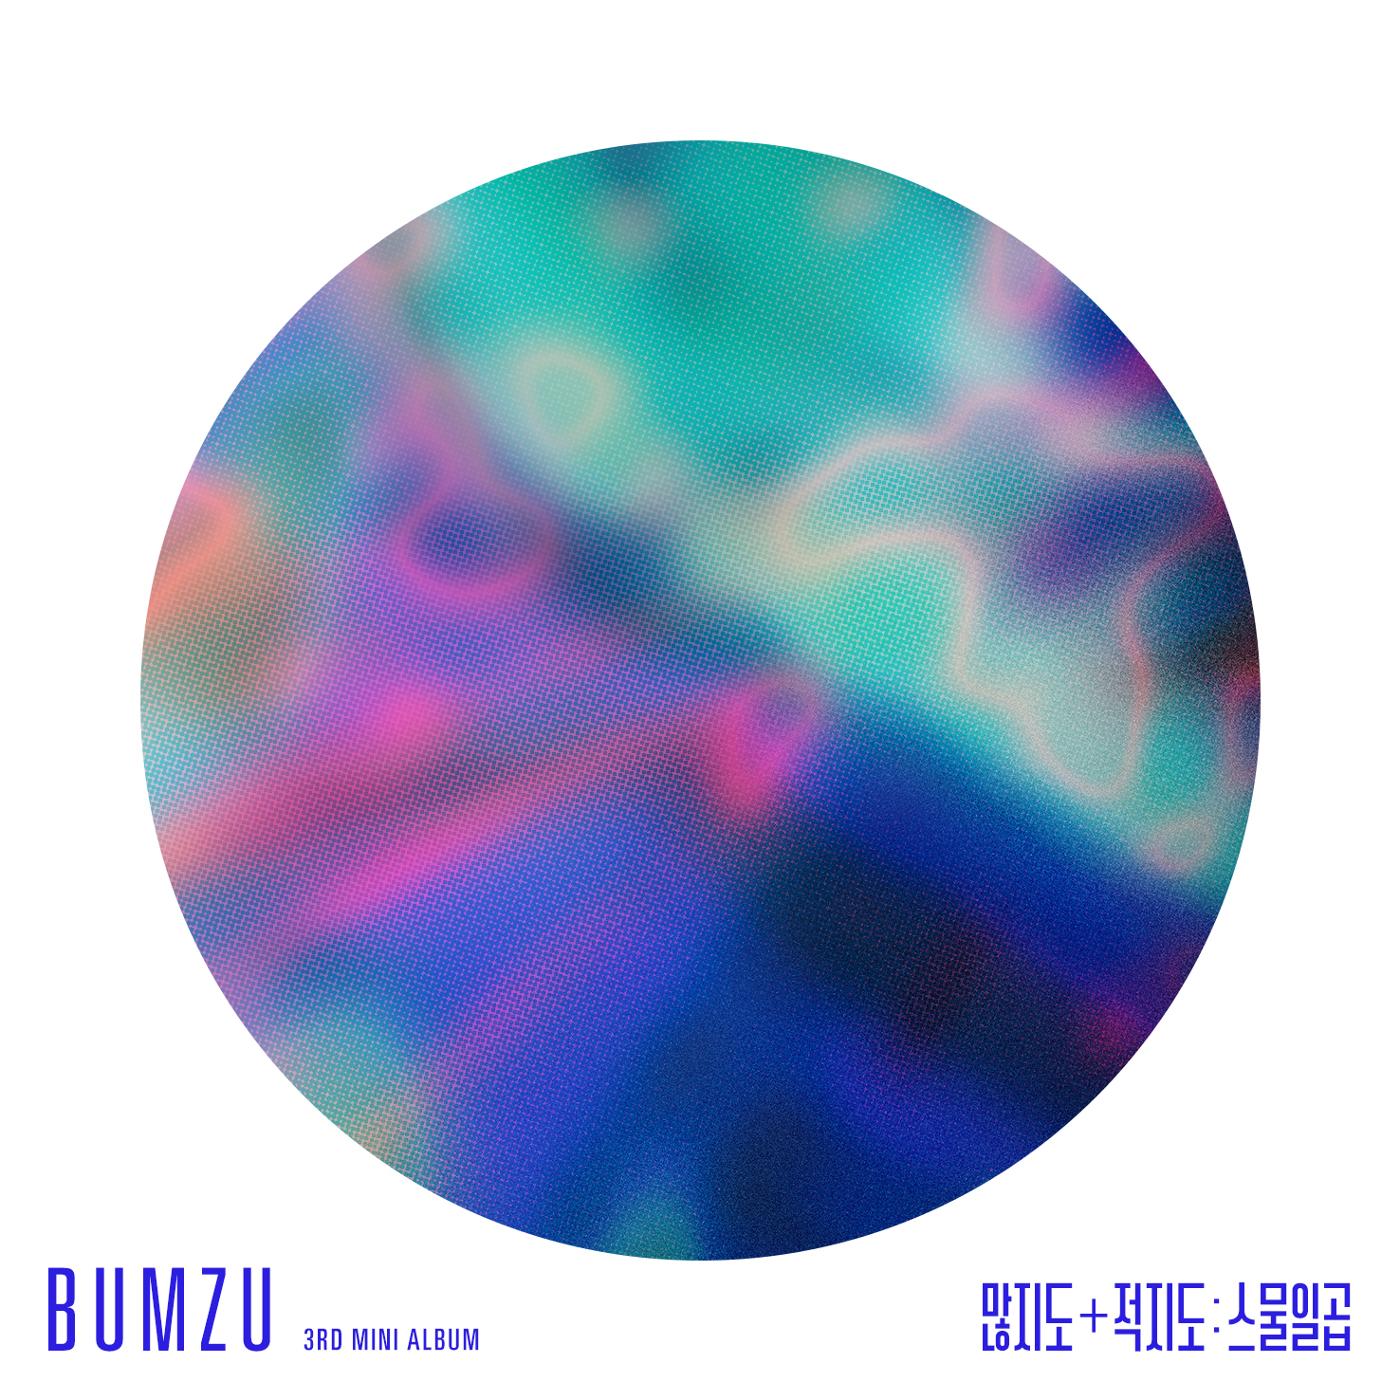 27 (Bumzu)